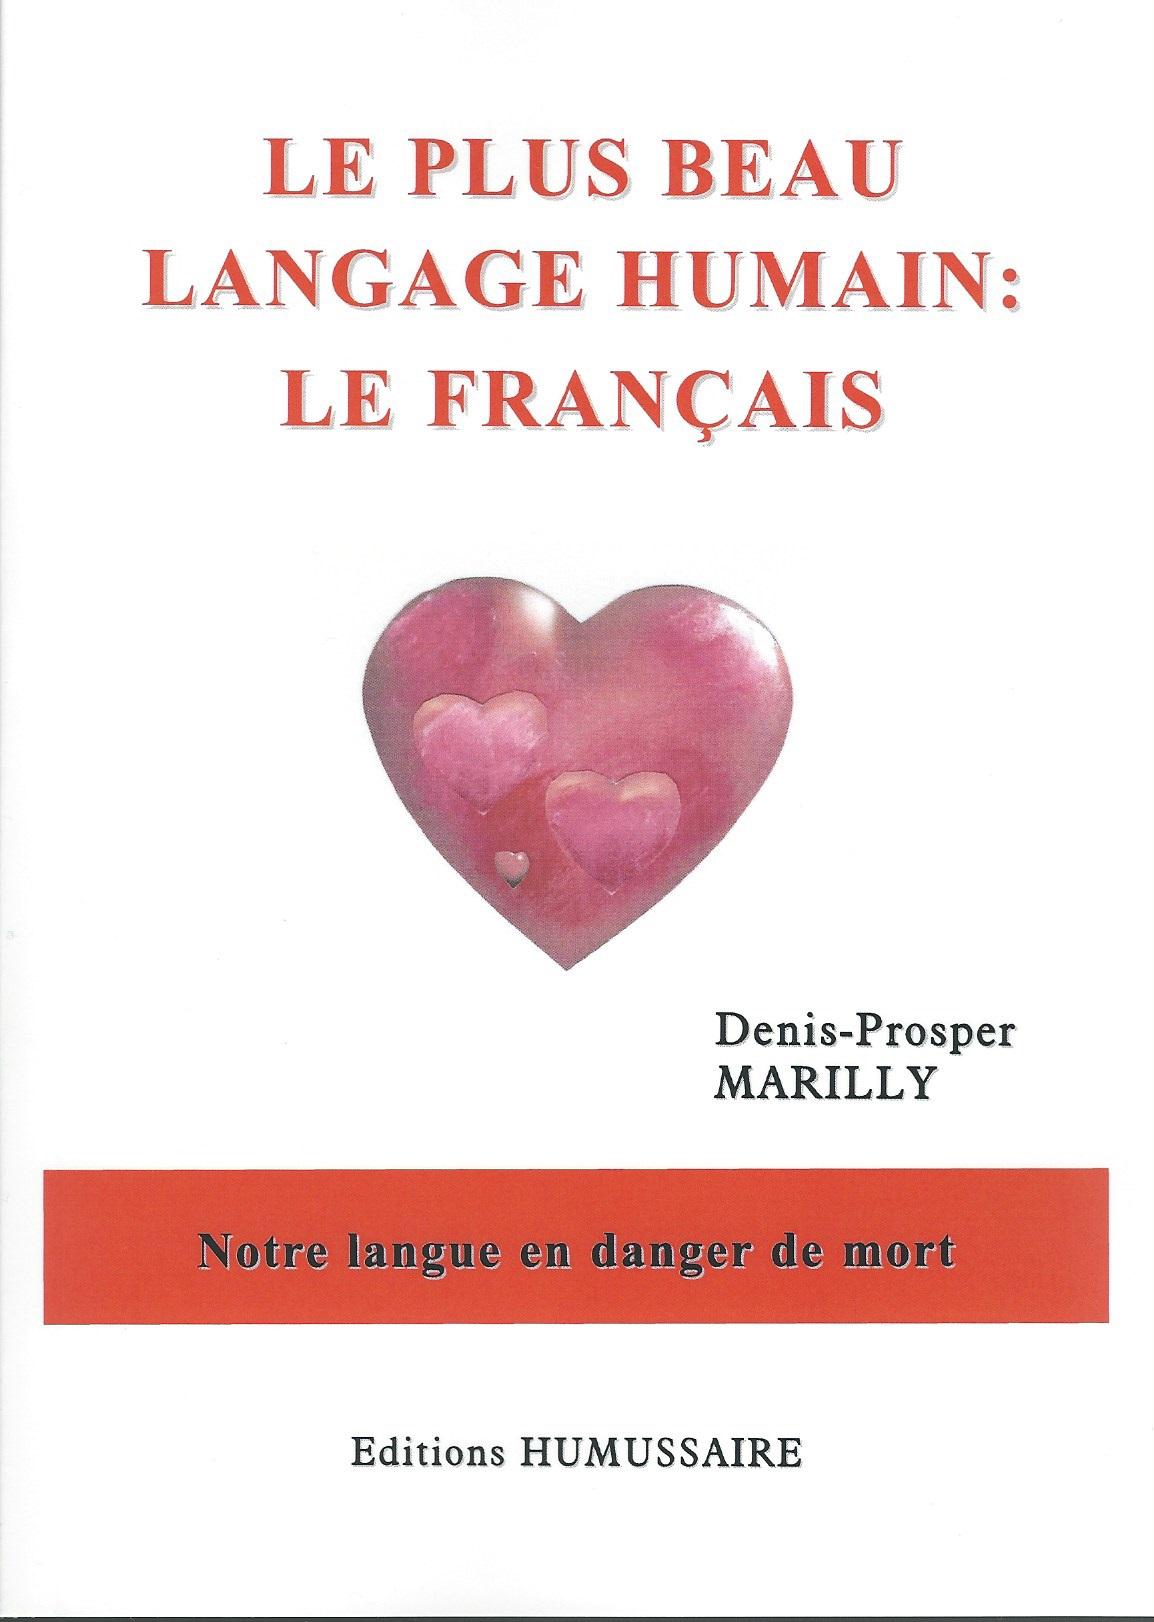 Le plus beau langage humain : le français - Denis-Prosper MARILLY